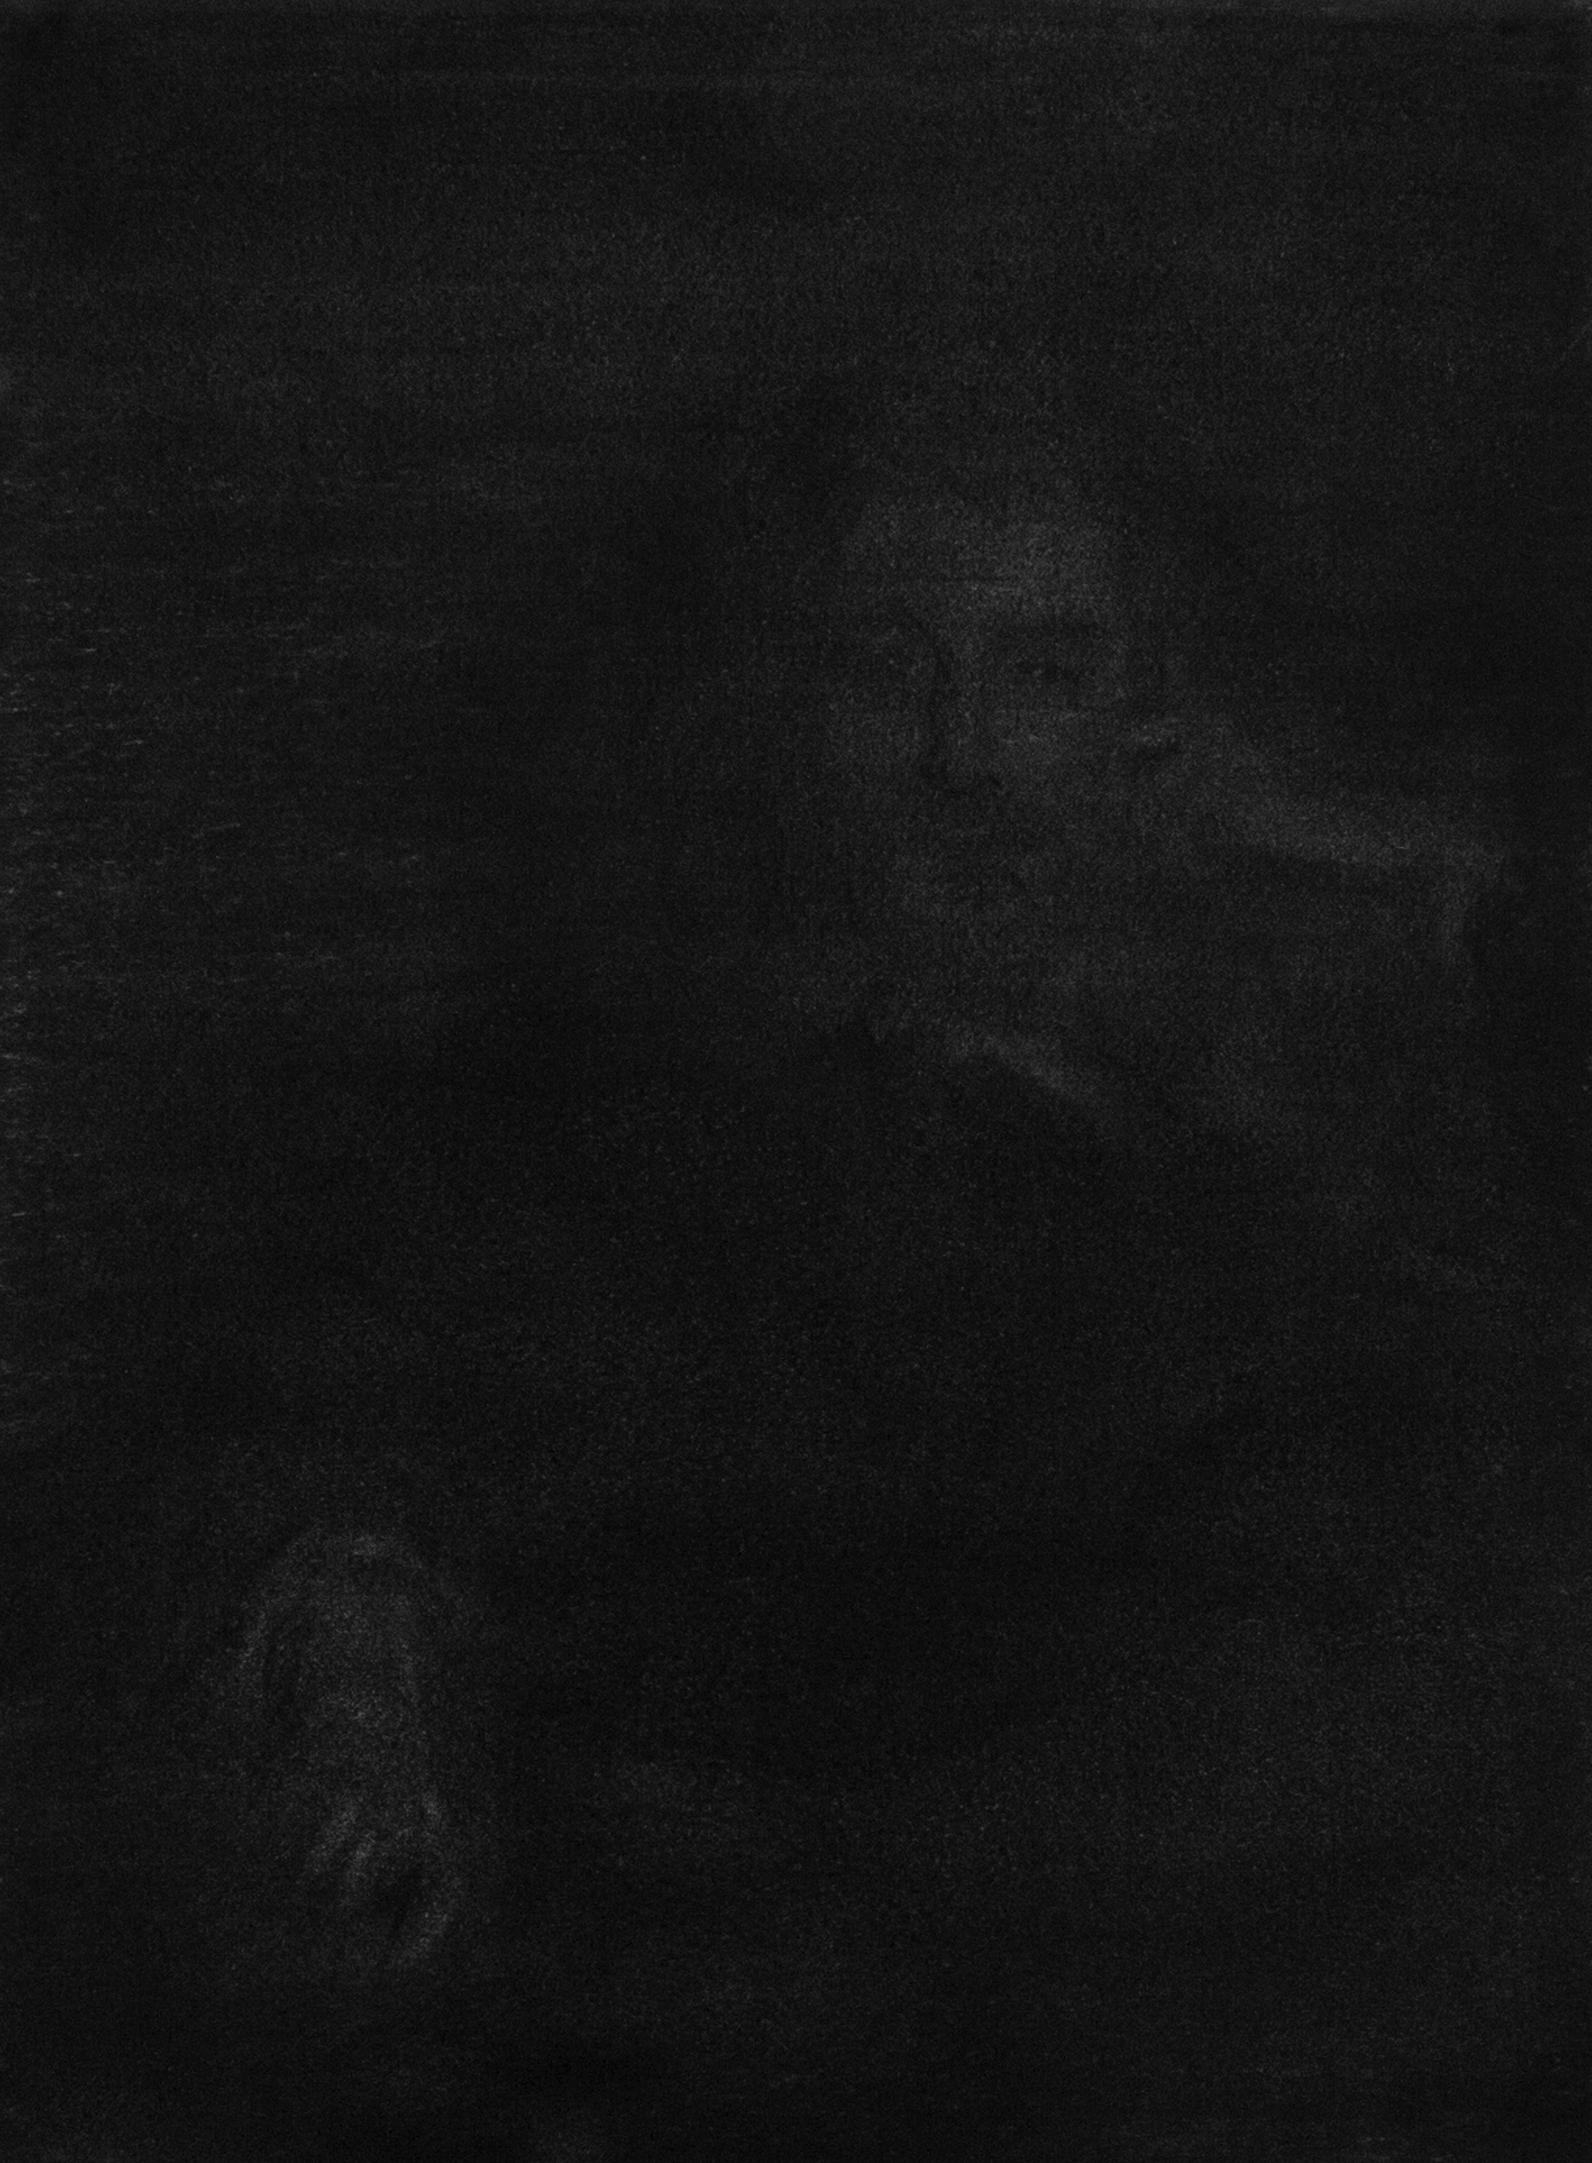 """Jérémie Bennequin, """"Charles Baudelaire 2"""", fusain sur papier, 20 x 29 cm, 2015"""